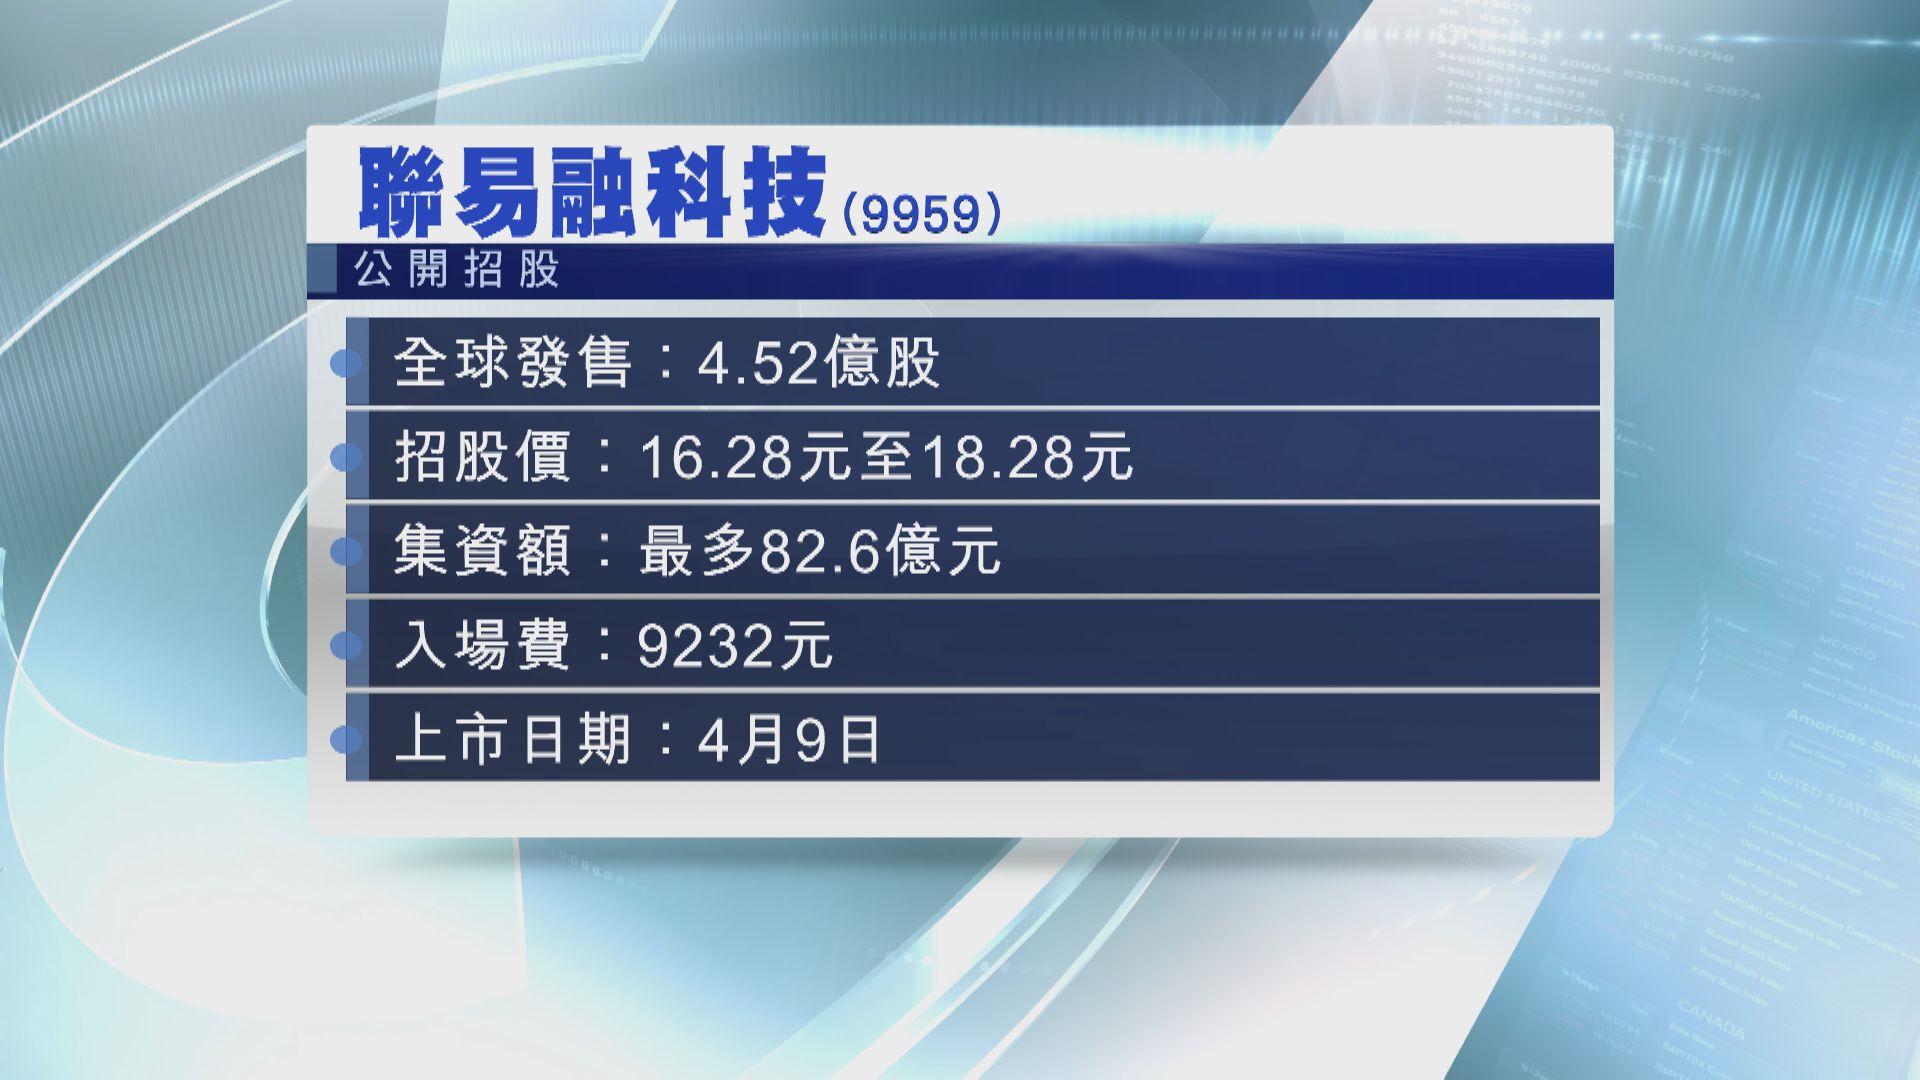 聯易融今起招股  入場費$9232